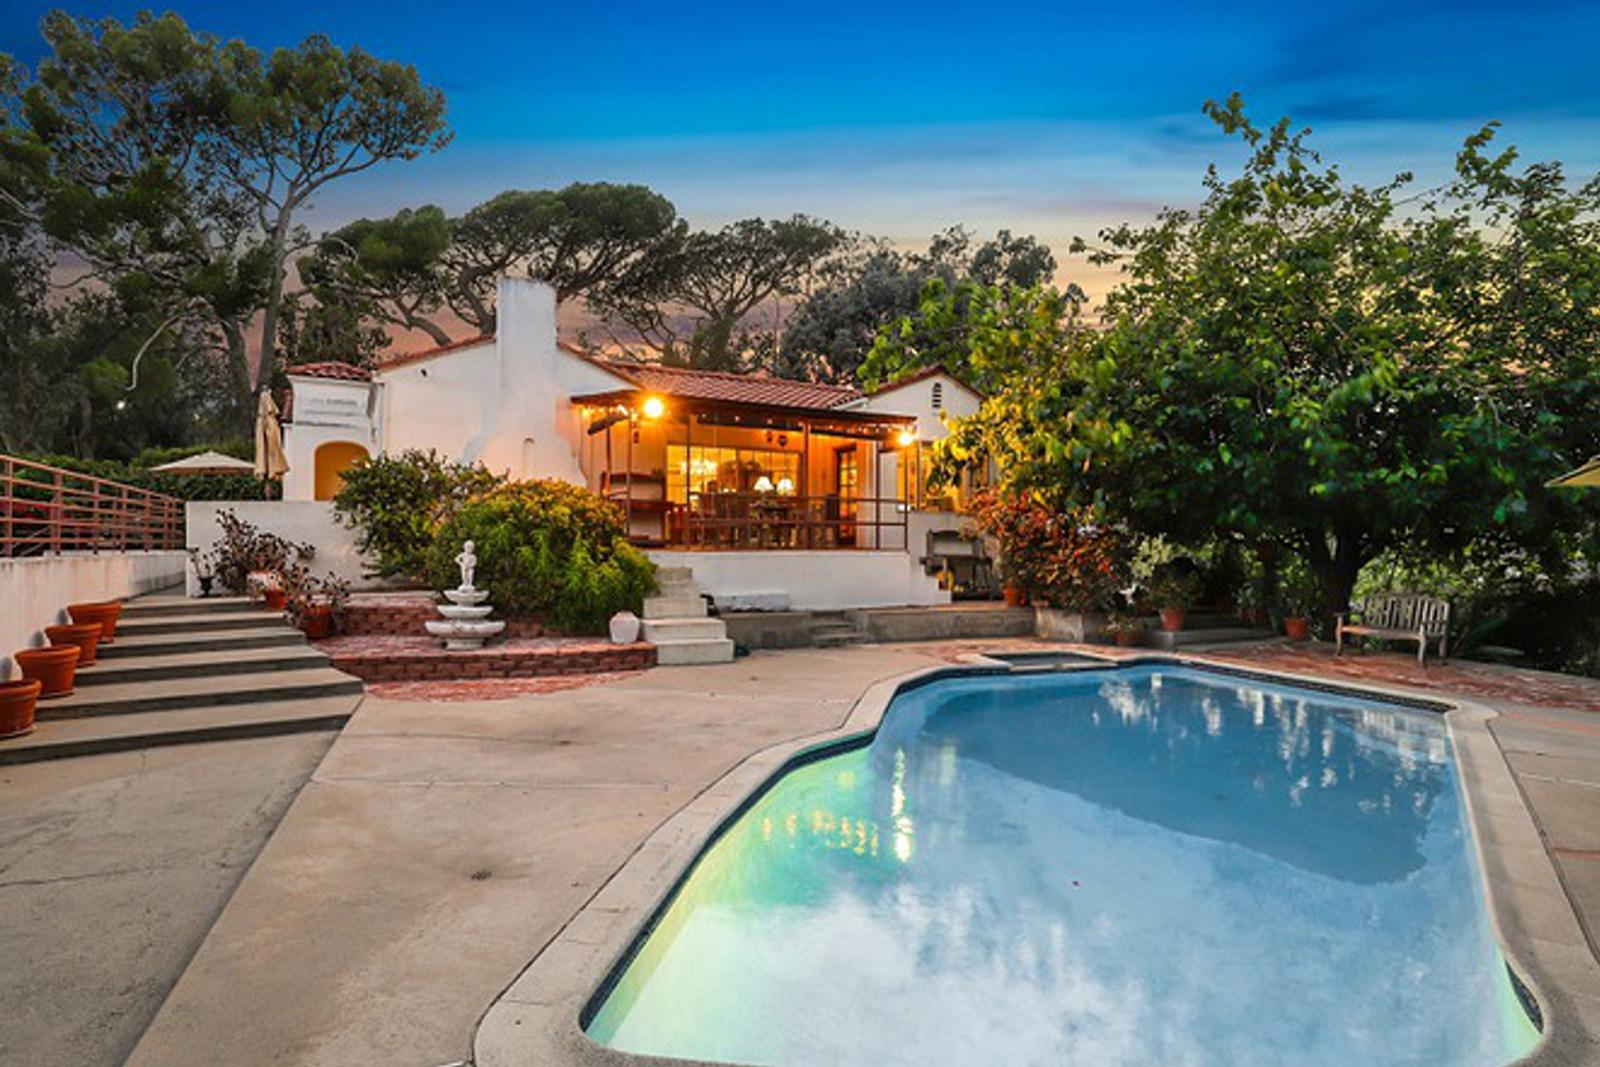 Manson Family Murder Home Listed for $1.98 Million